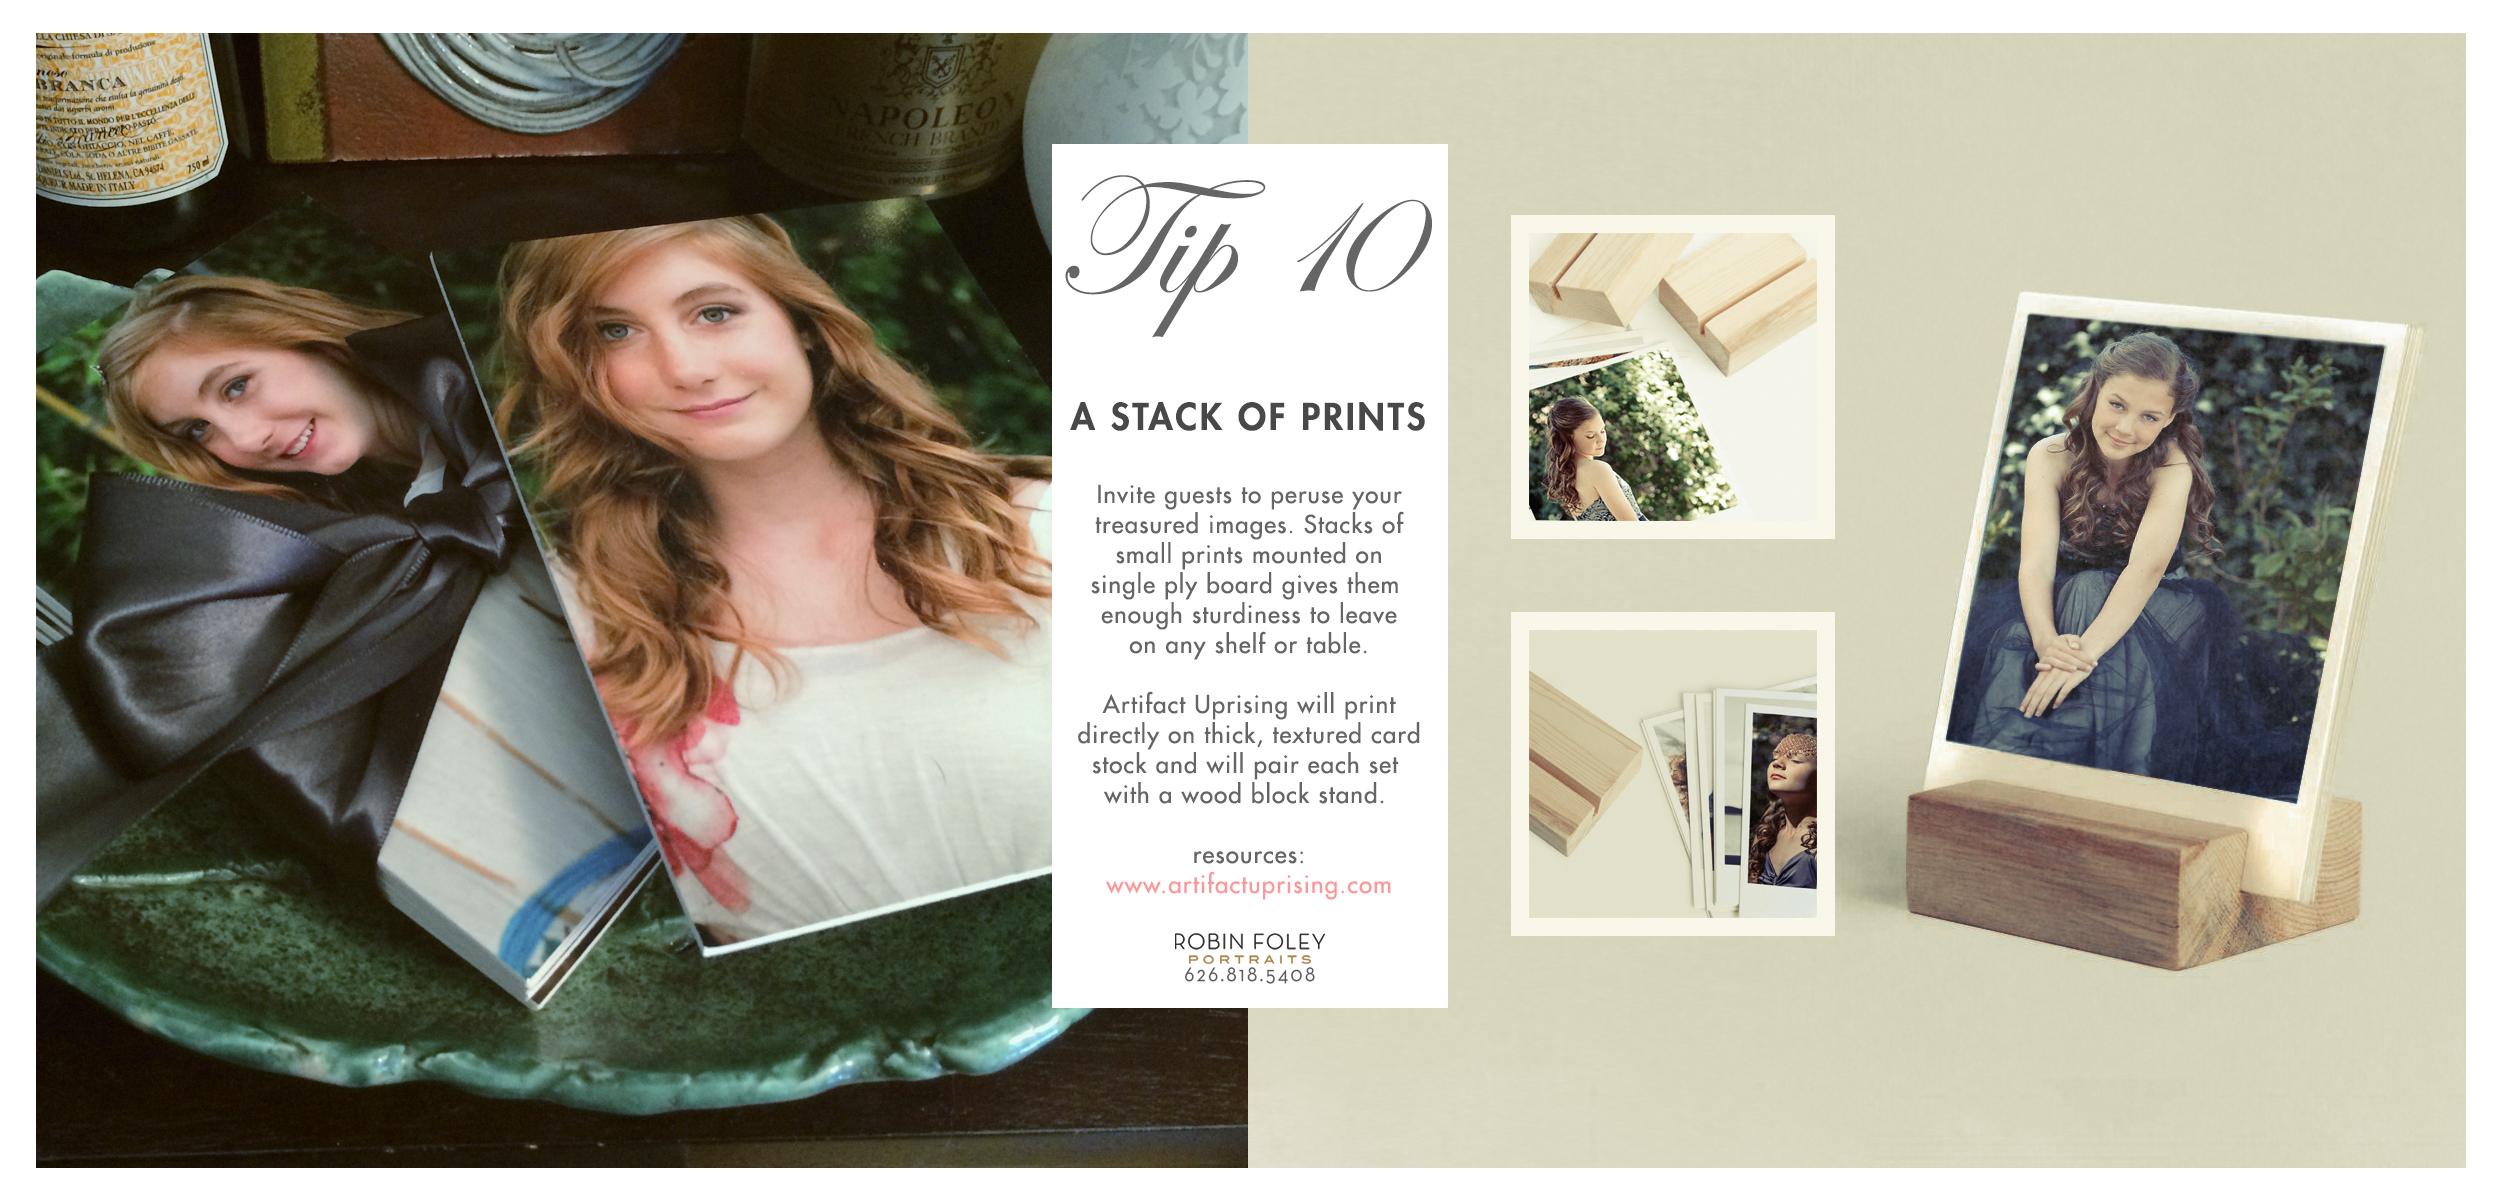 Tip 10.jpg